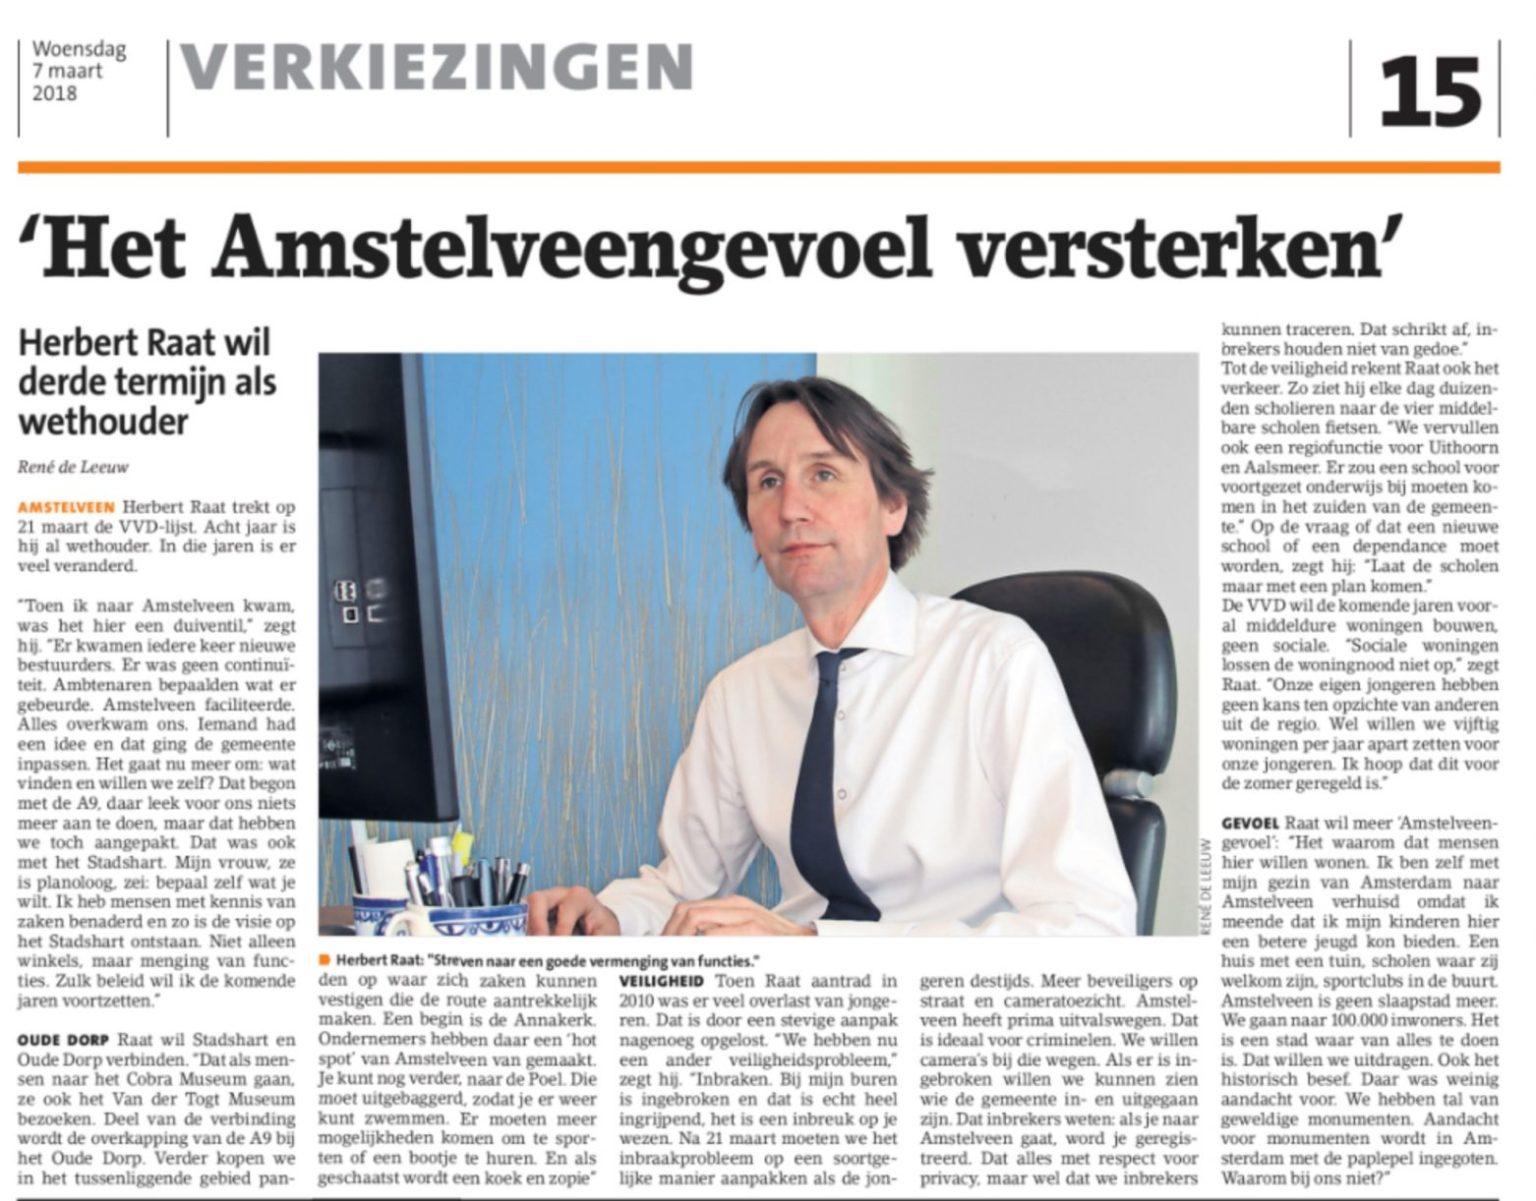 2018-7-3 Amstelveens Nieuwsblad interview lijstrekker VVD Amstelveen Herbert Raat over het Amstelveengevoel, Annakerk, aanpak inbraken en nog veel meer